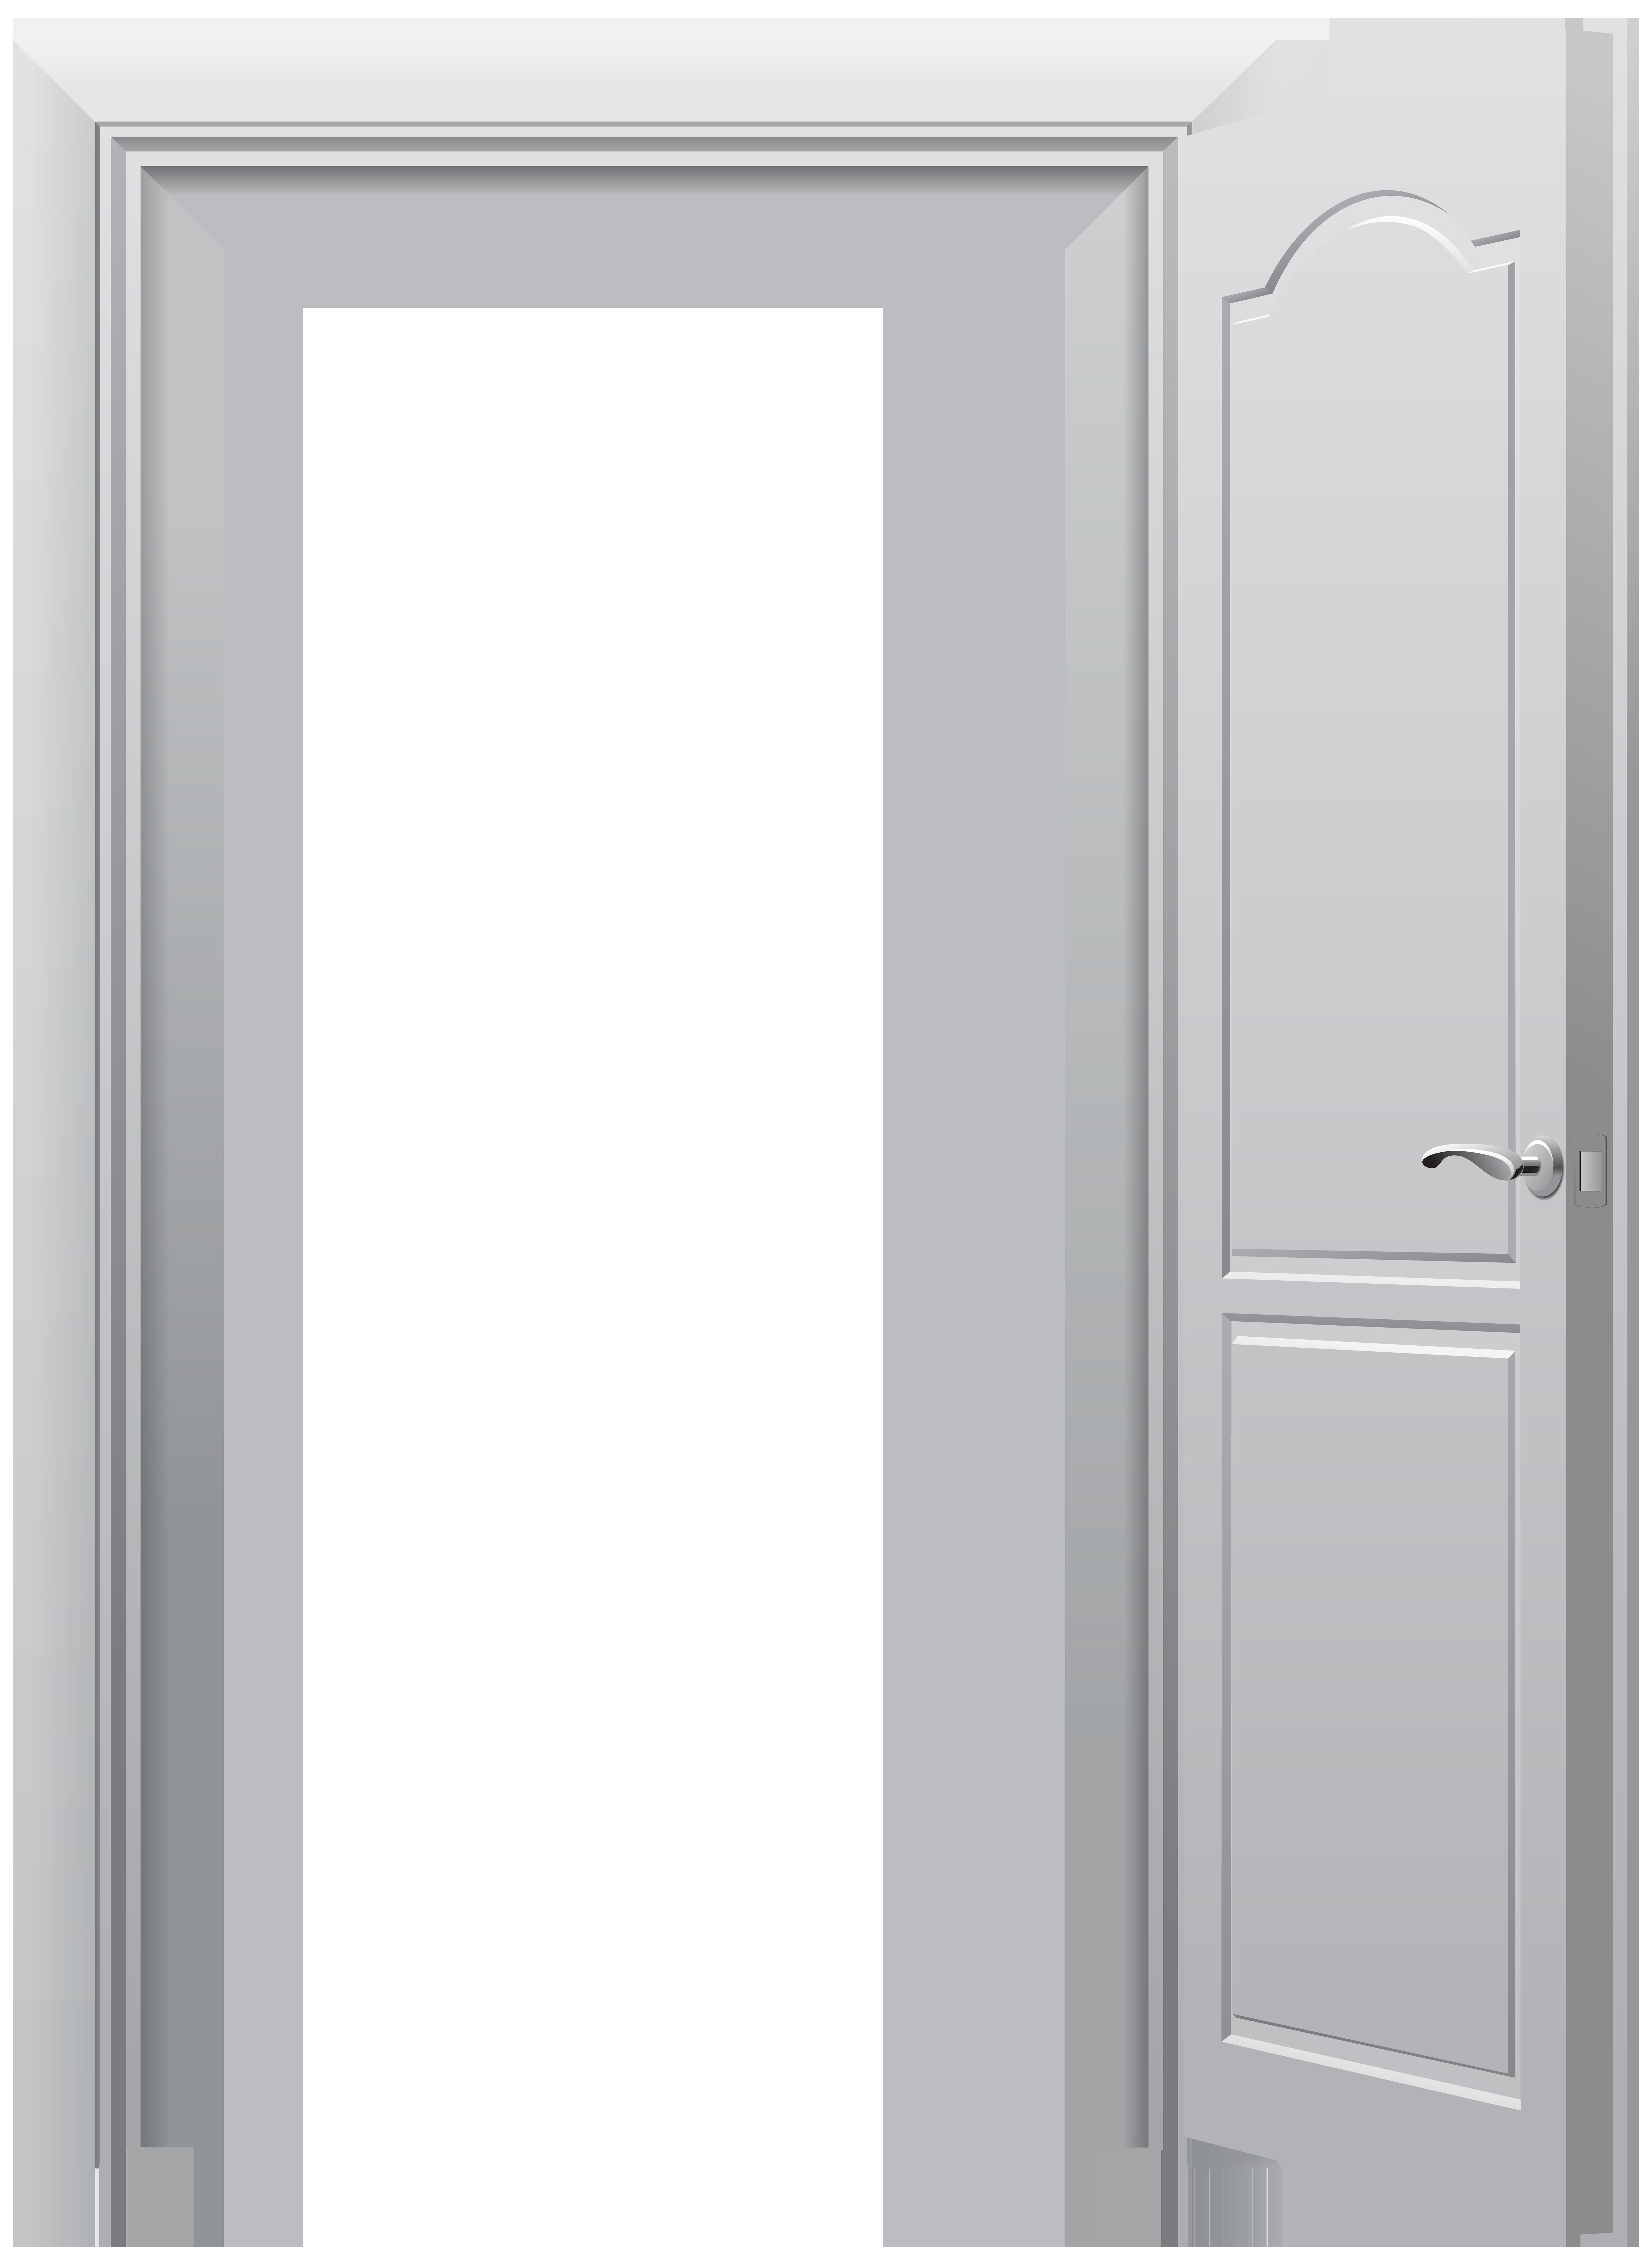 Open Door PNG Clip Art.